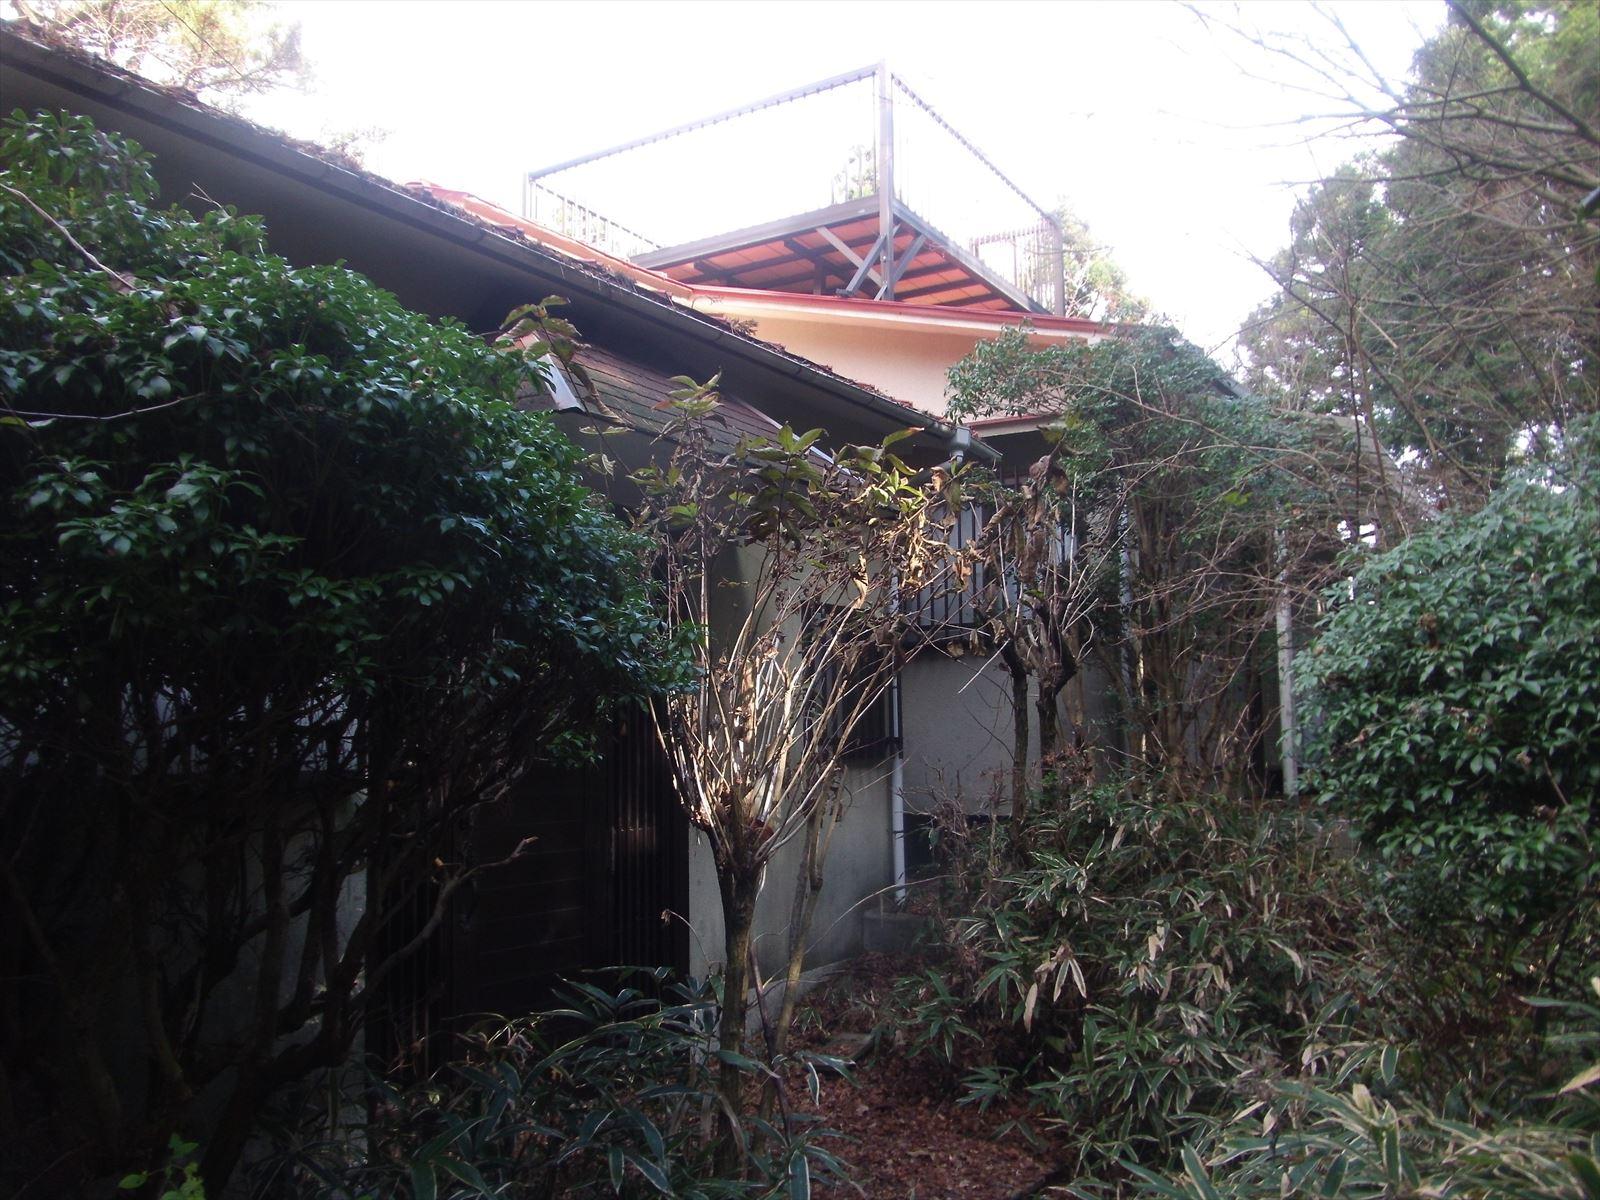 ◆六甲山荘の高原住宅、敷地広く、緑あふれる環境に立地、屋根上に展望台付き◆ ◎六甲山荘の高原住宅、敷地広く、緑あふれる環境に立地、屋根上に展望台付き◎